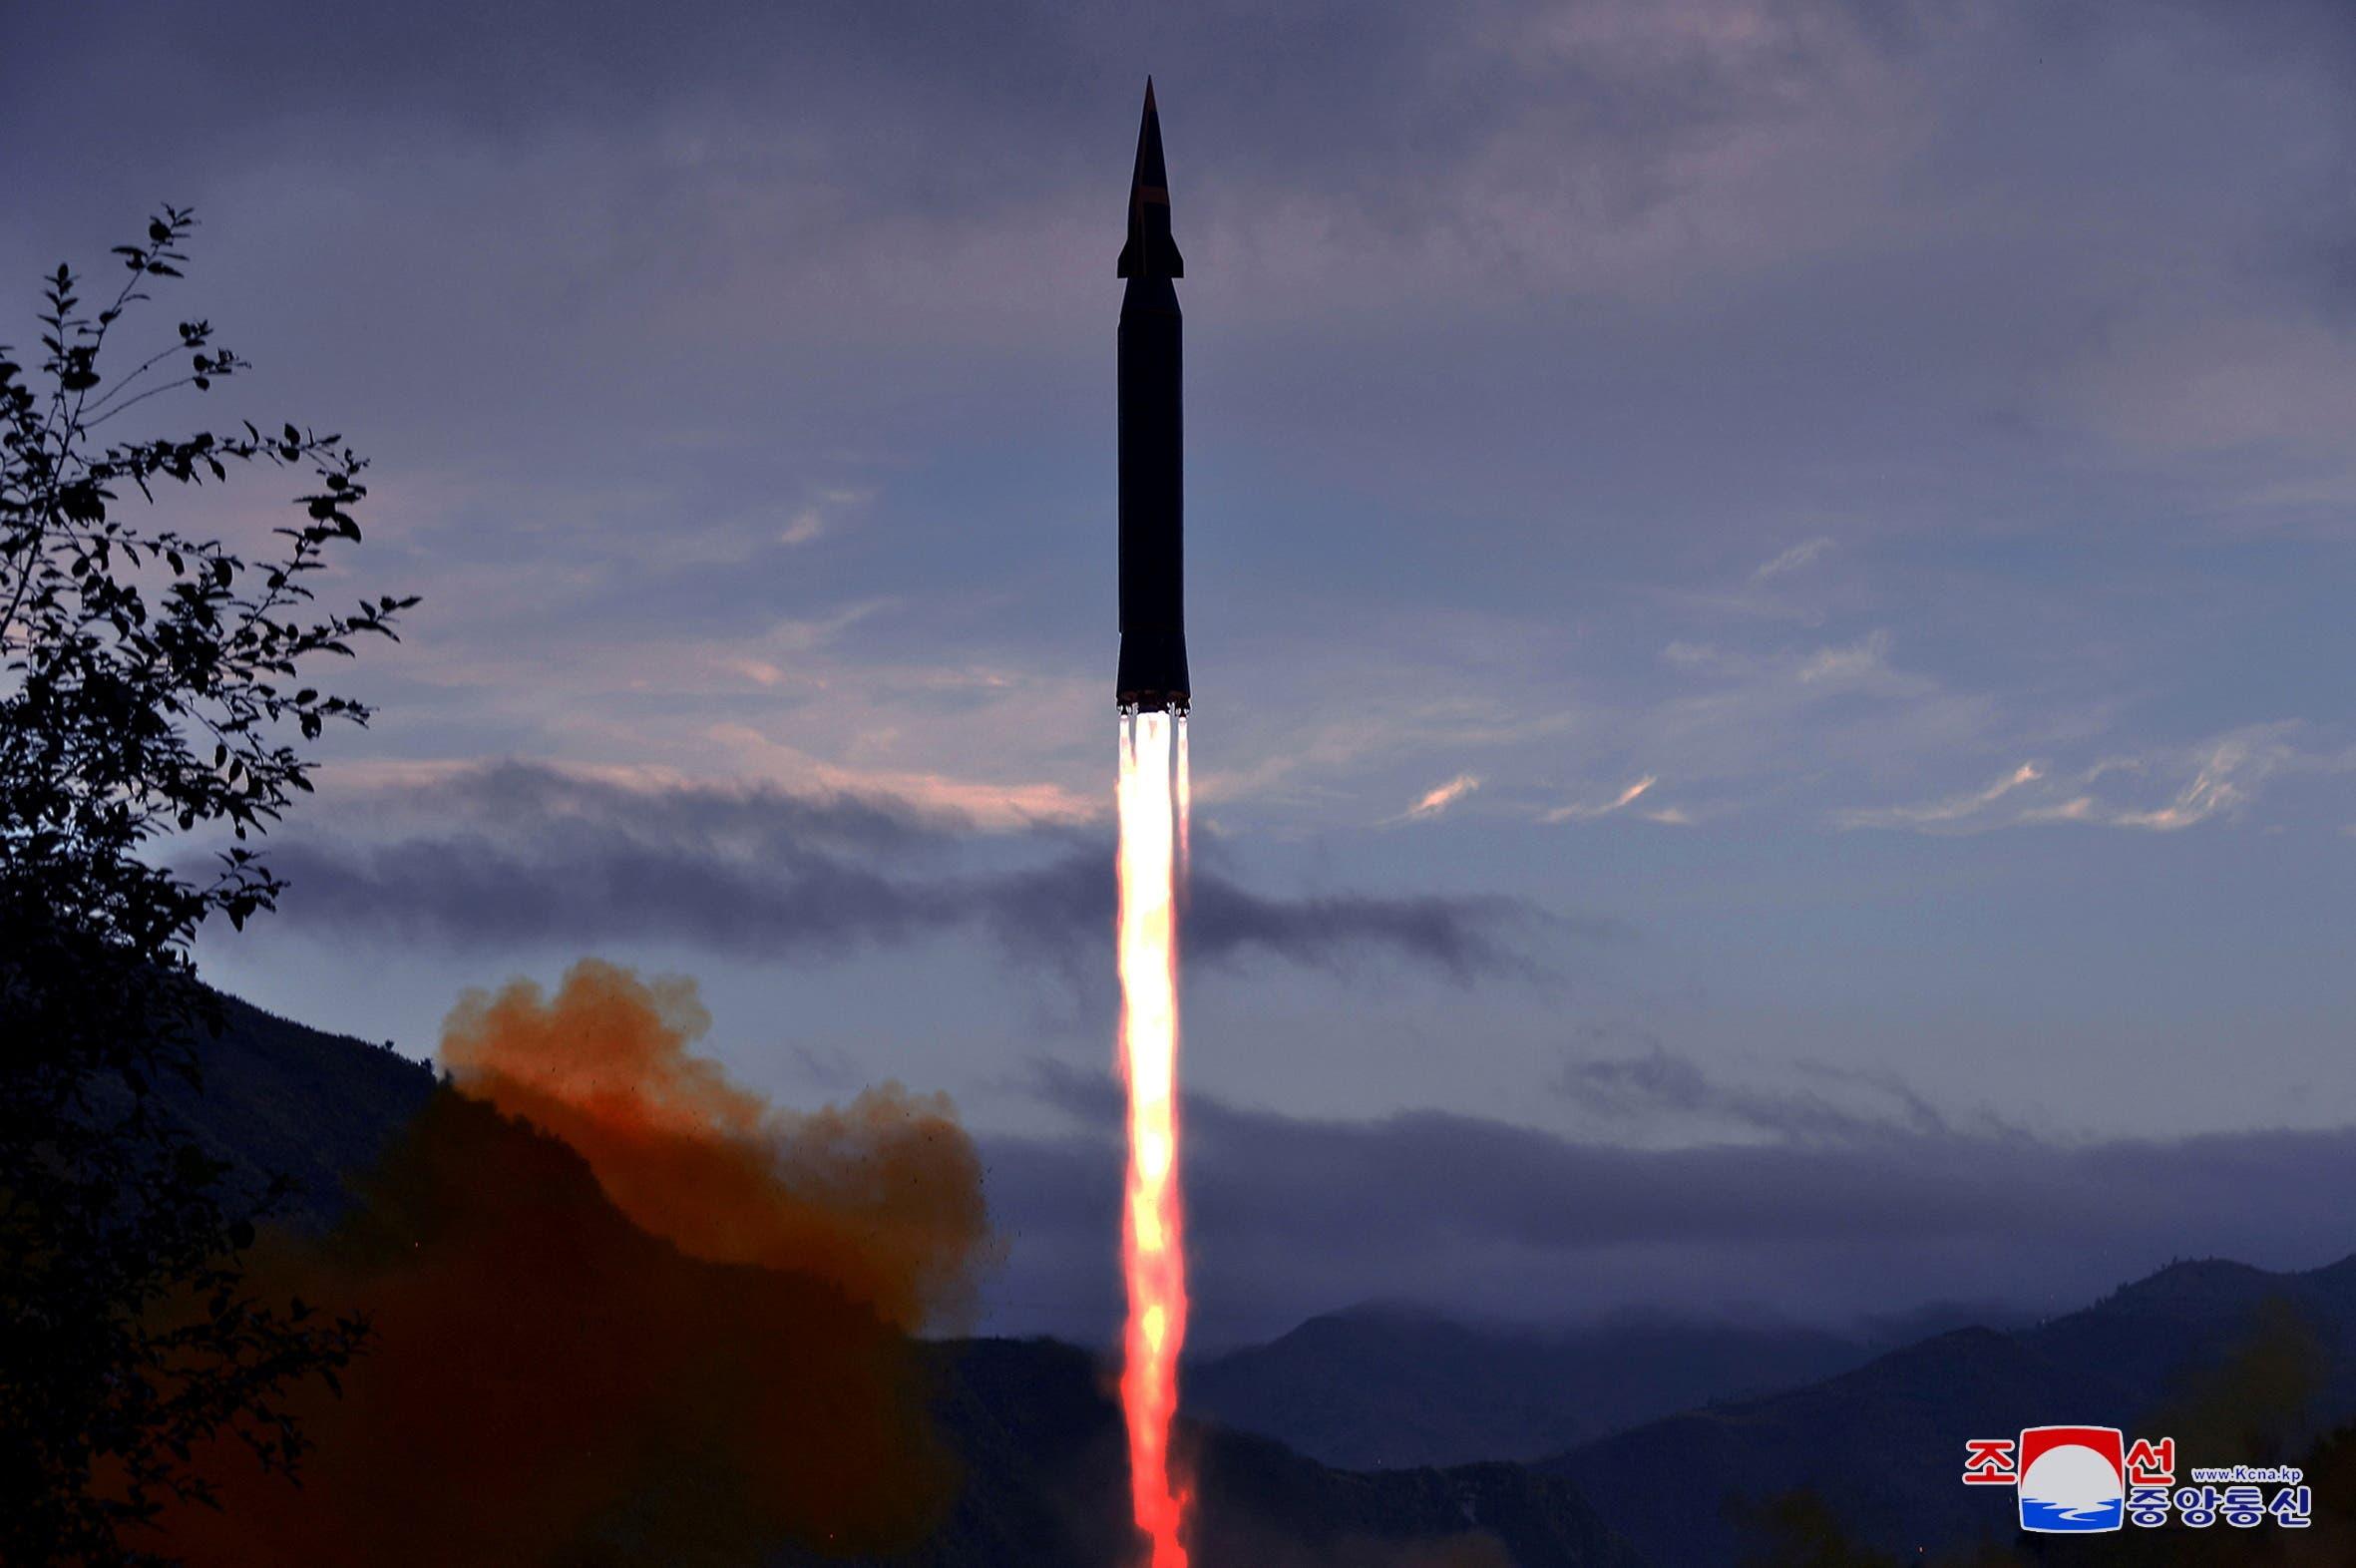 إطلاق بيونغ يانغ يوم 29 سبتمبر لصاروخ أسرع من الصوت